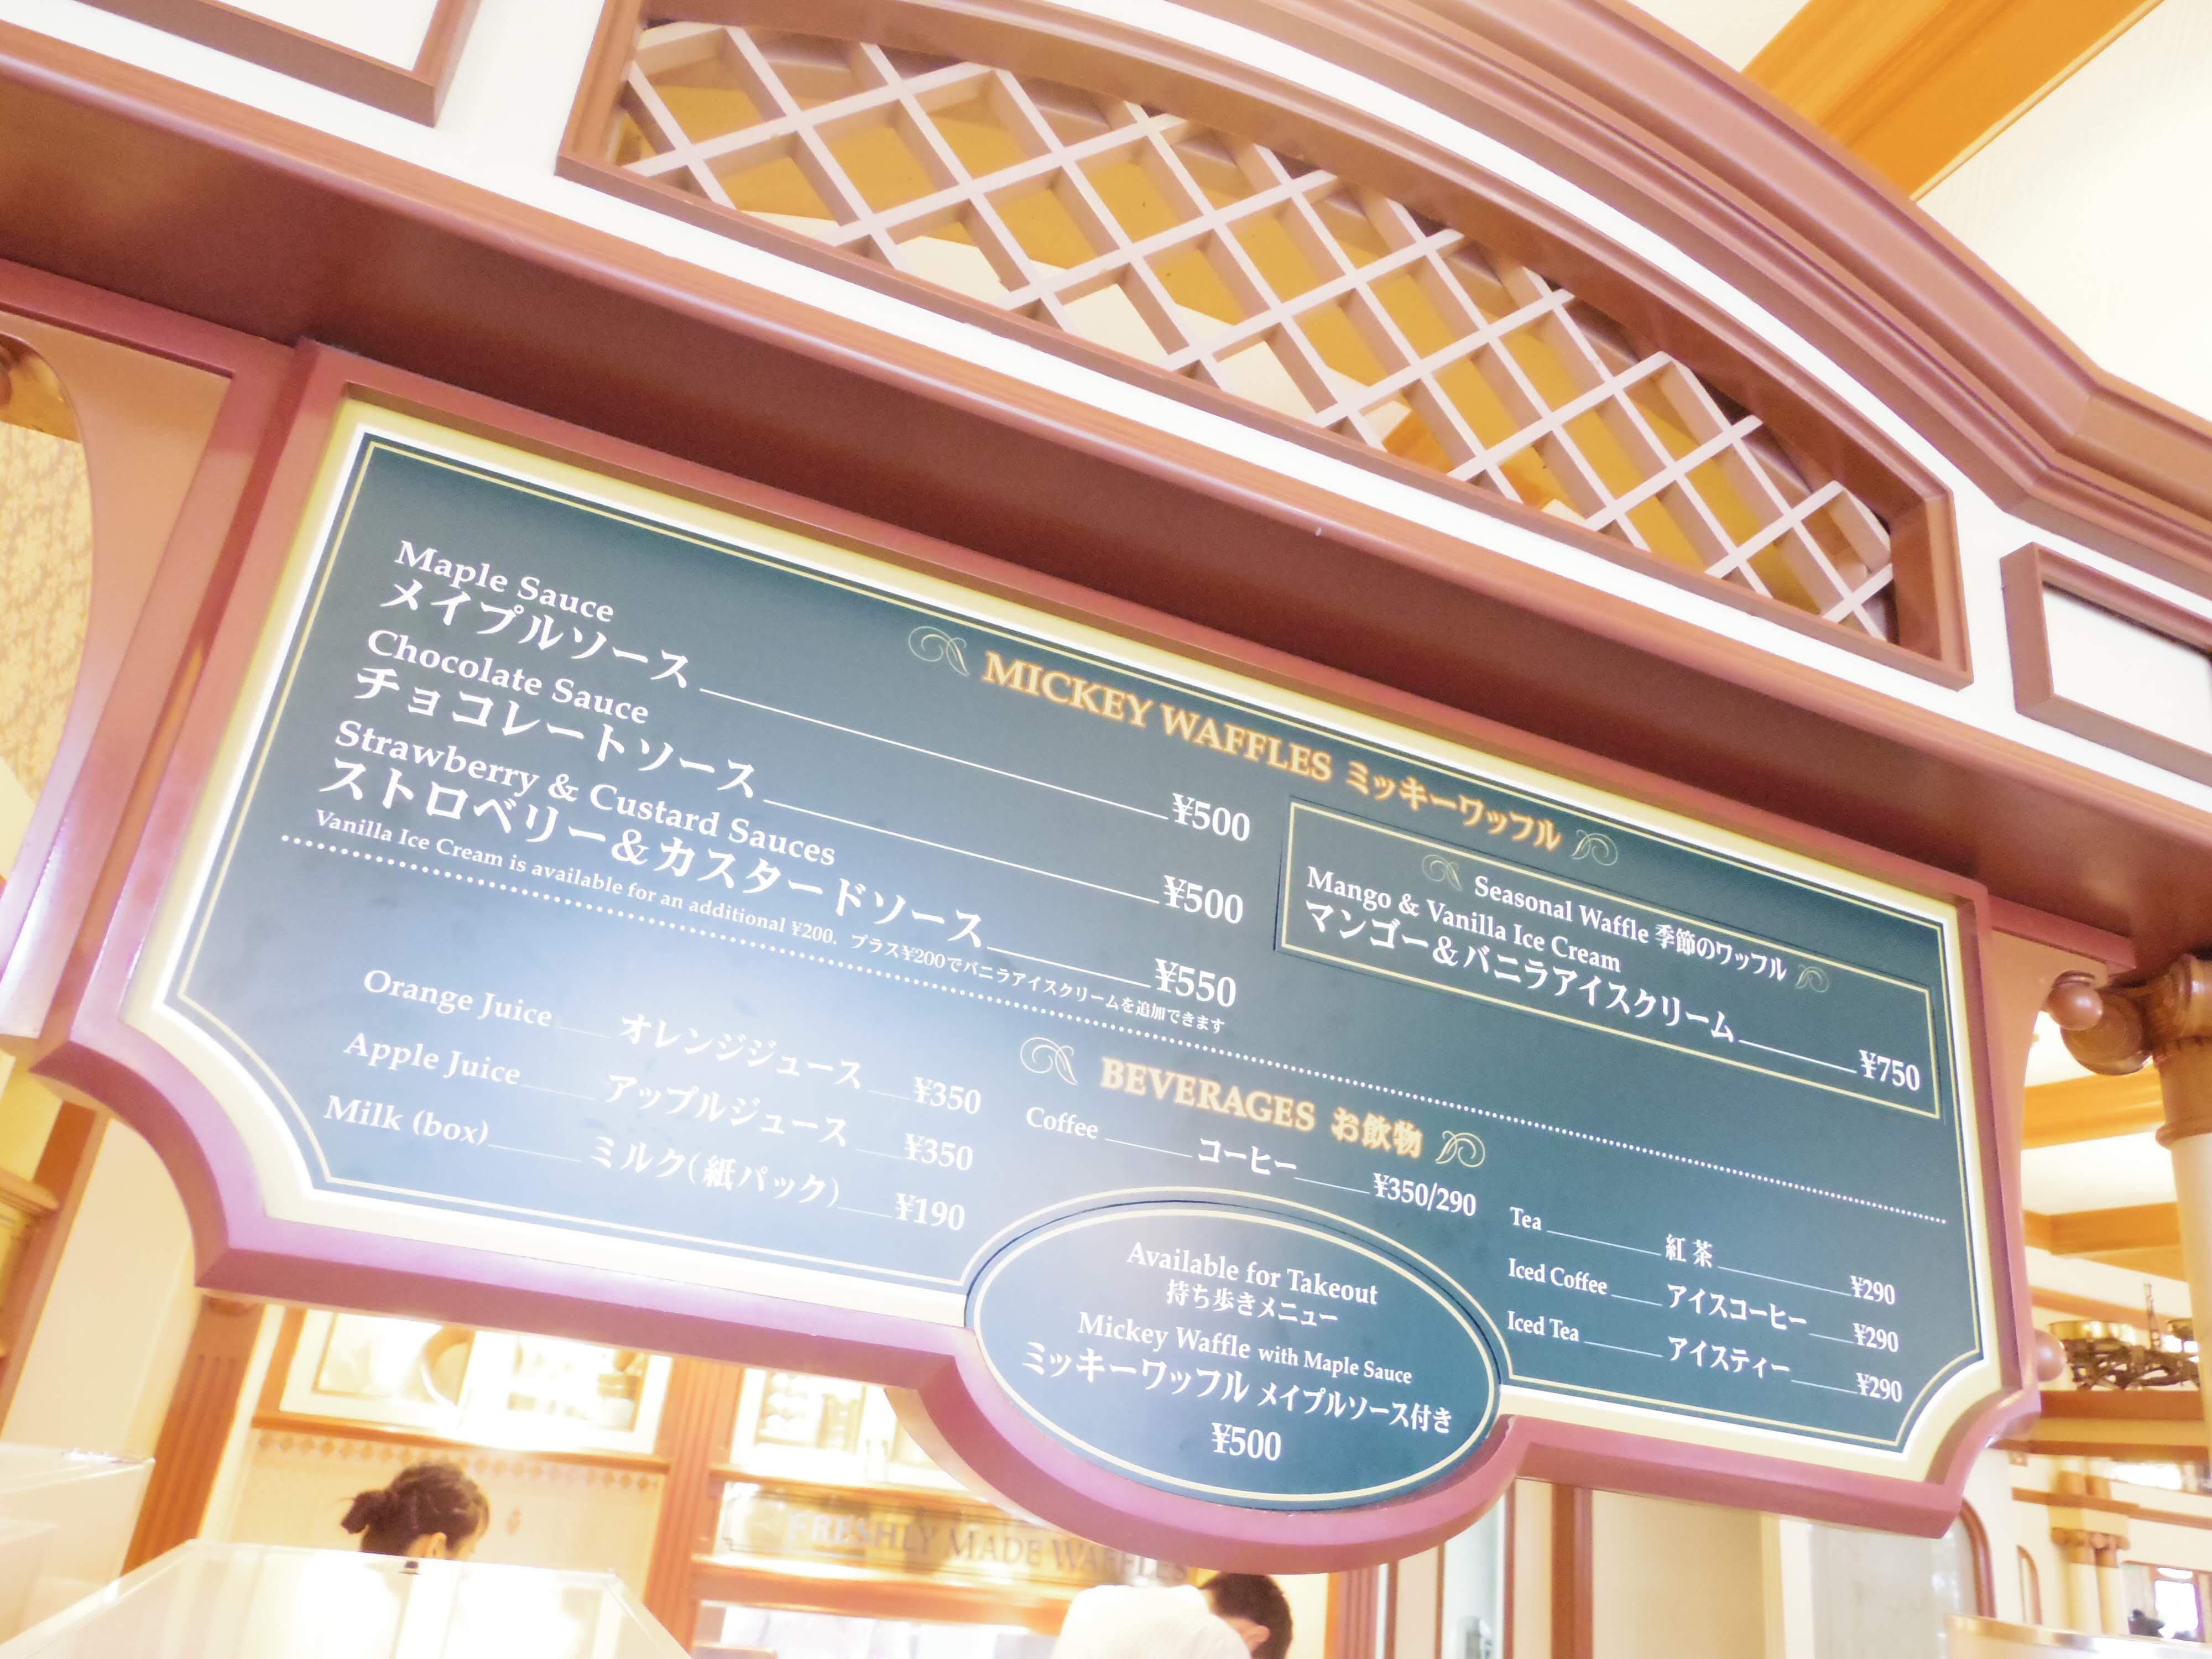 【厳選】東京ディズニーランド&シーで楽しめる!最新食べ歩きメニュー_2